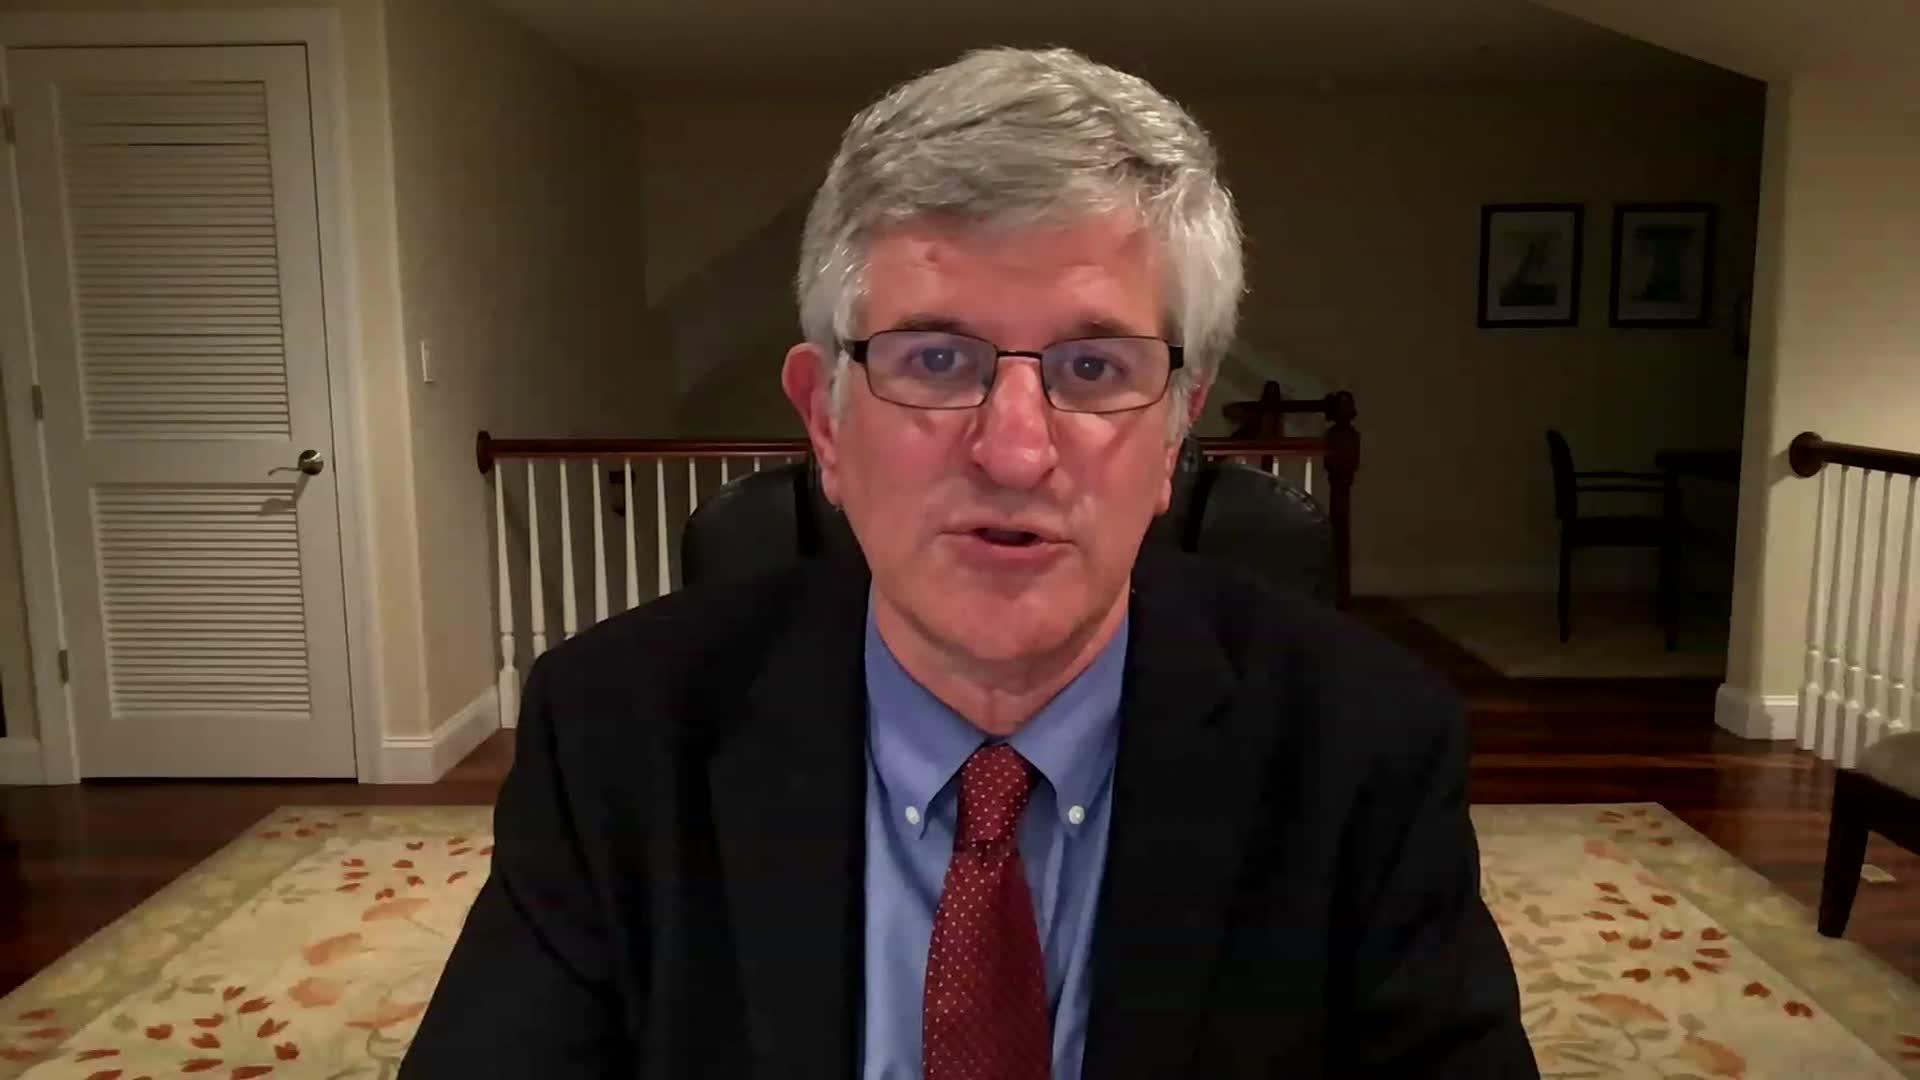 Dr. Paul Offit.